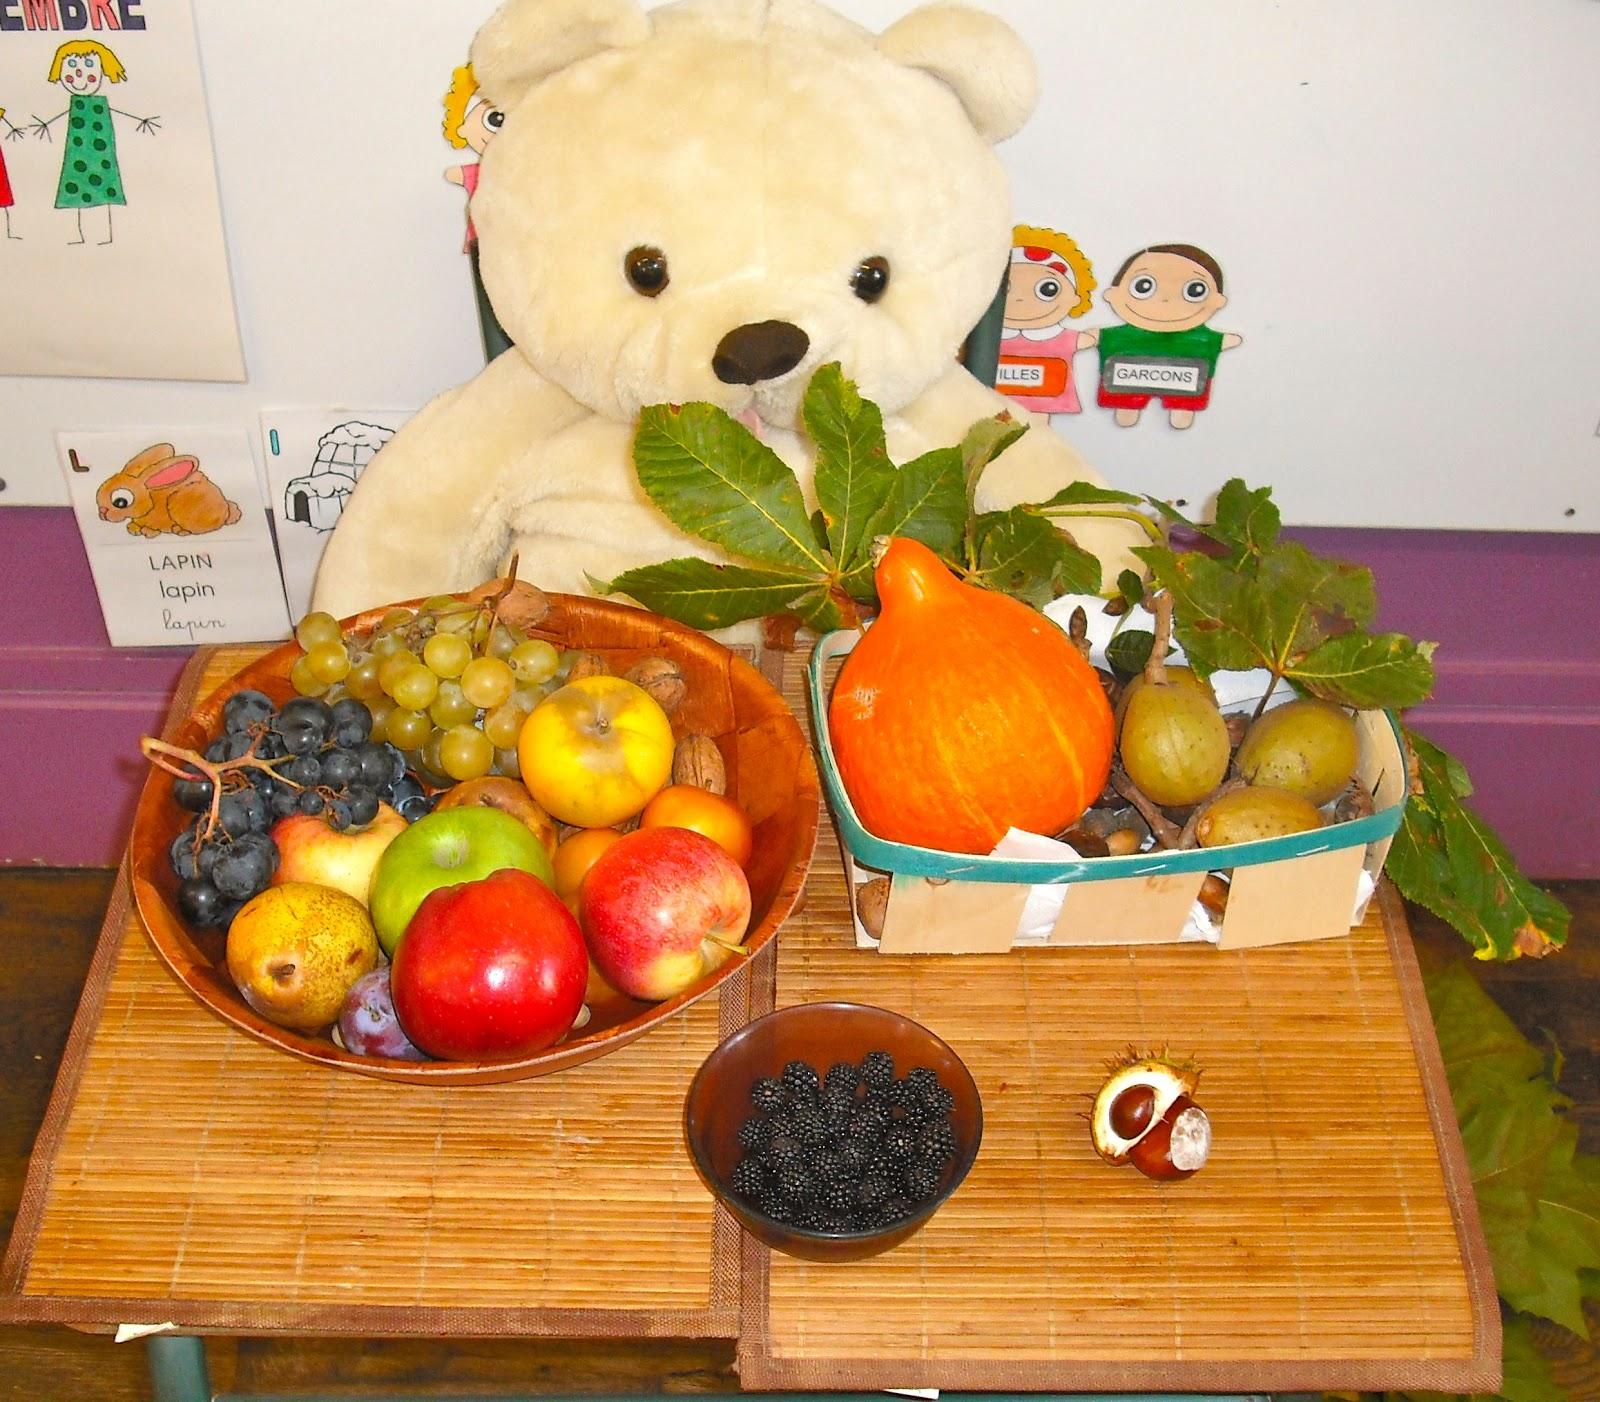 Ecole maternelle vitteaux octobre 2012 - Fruits automne maternelle ...